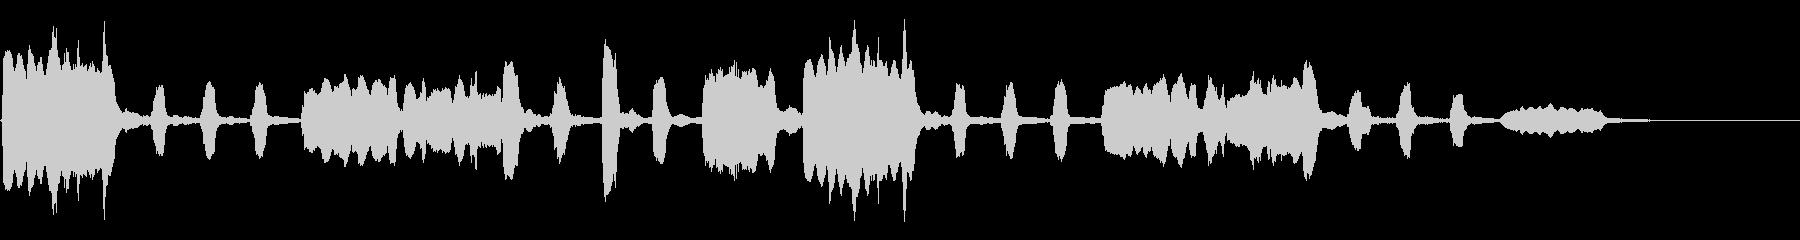 劇伴~平和なフルートの重奏 ほっこり~の未再生の波形